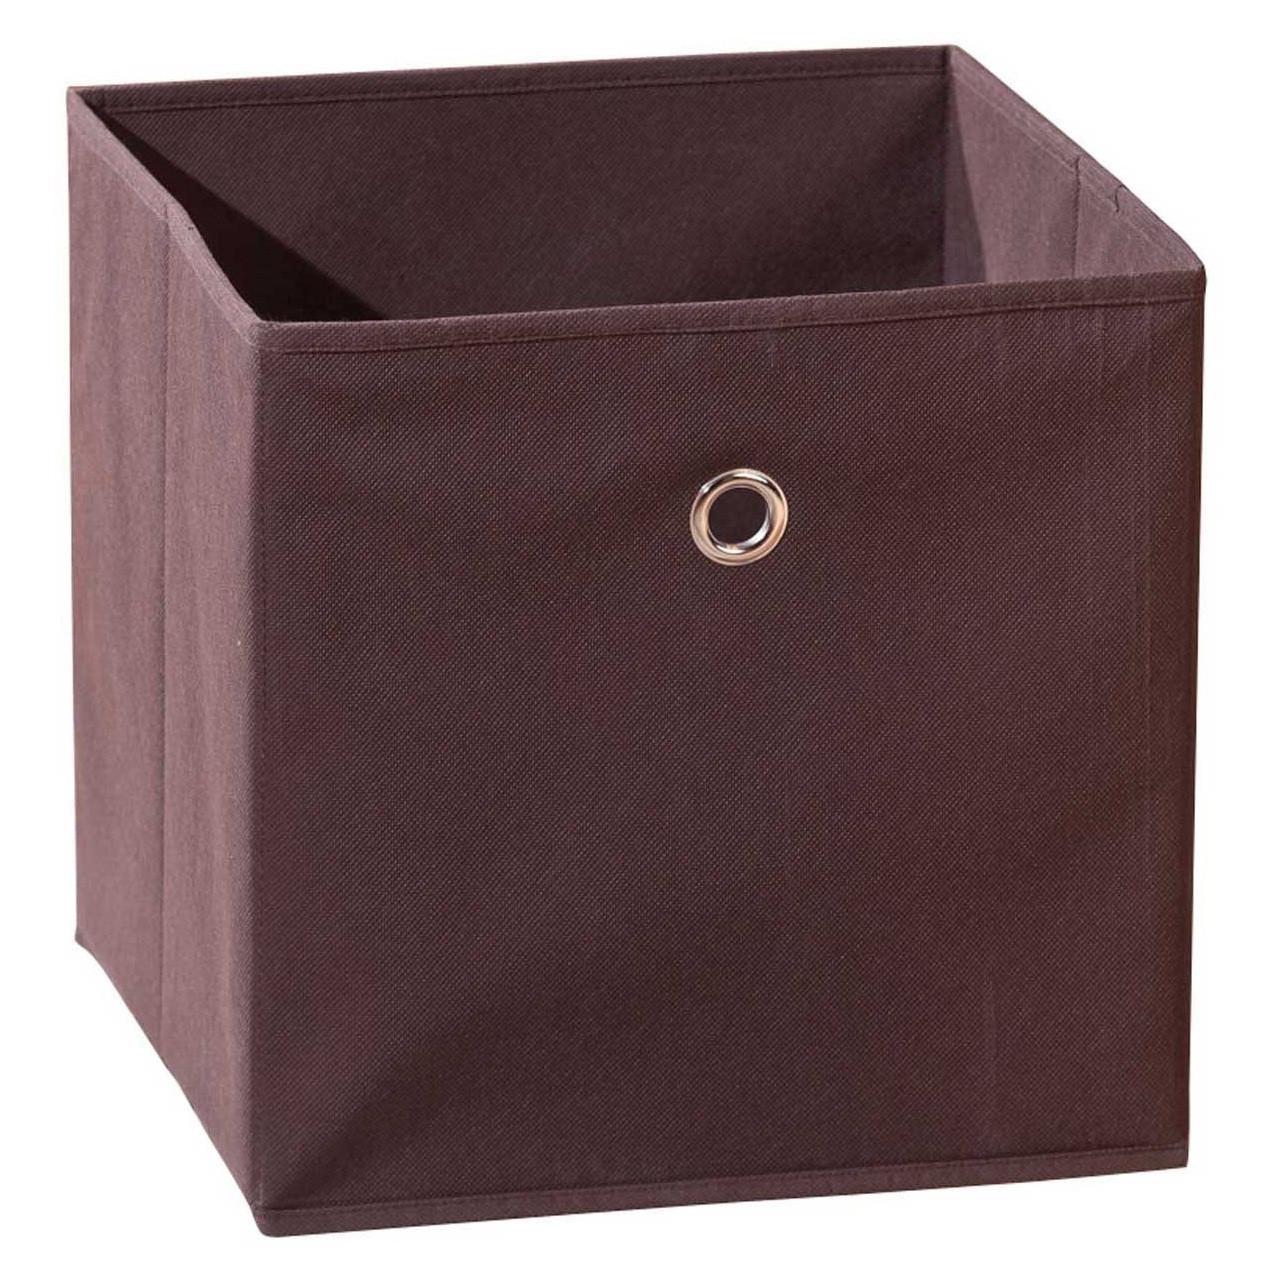 Boîte de rangement pliable tissu marron Peggy | LesTendances.fr